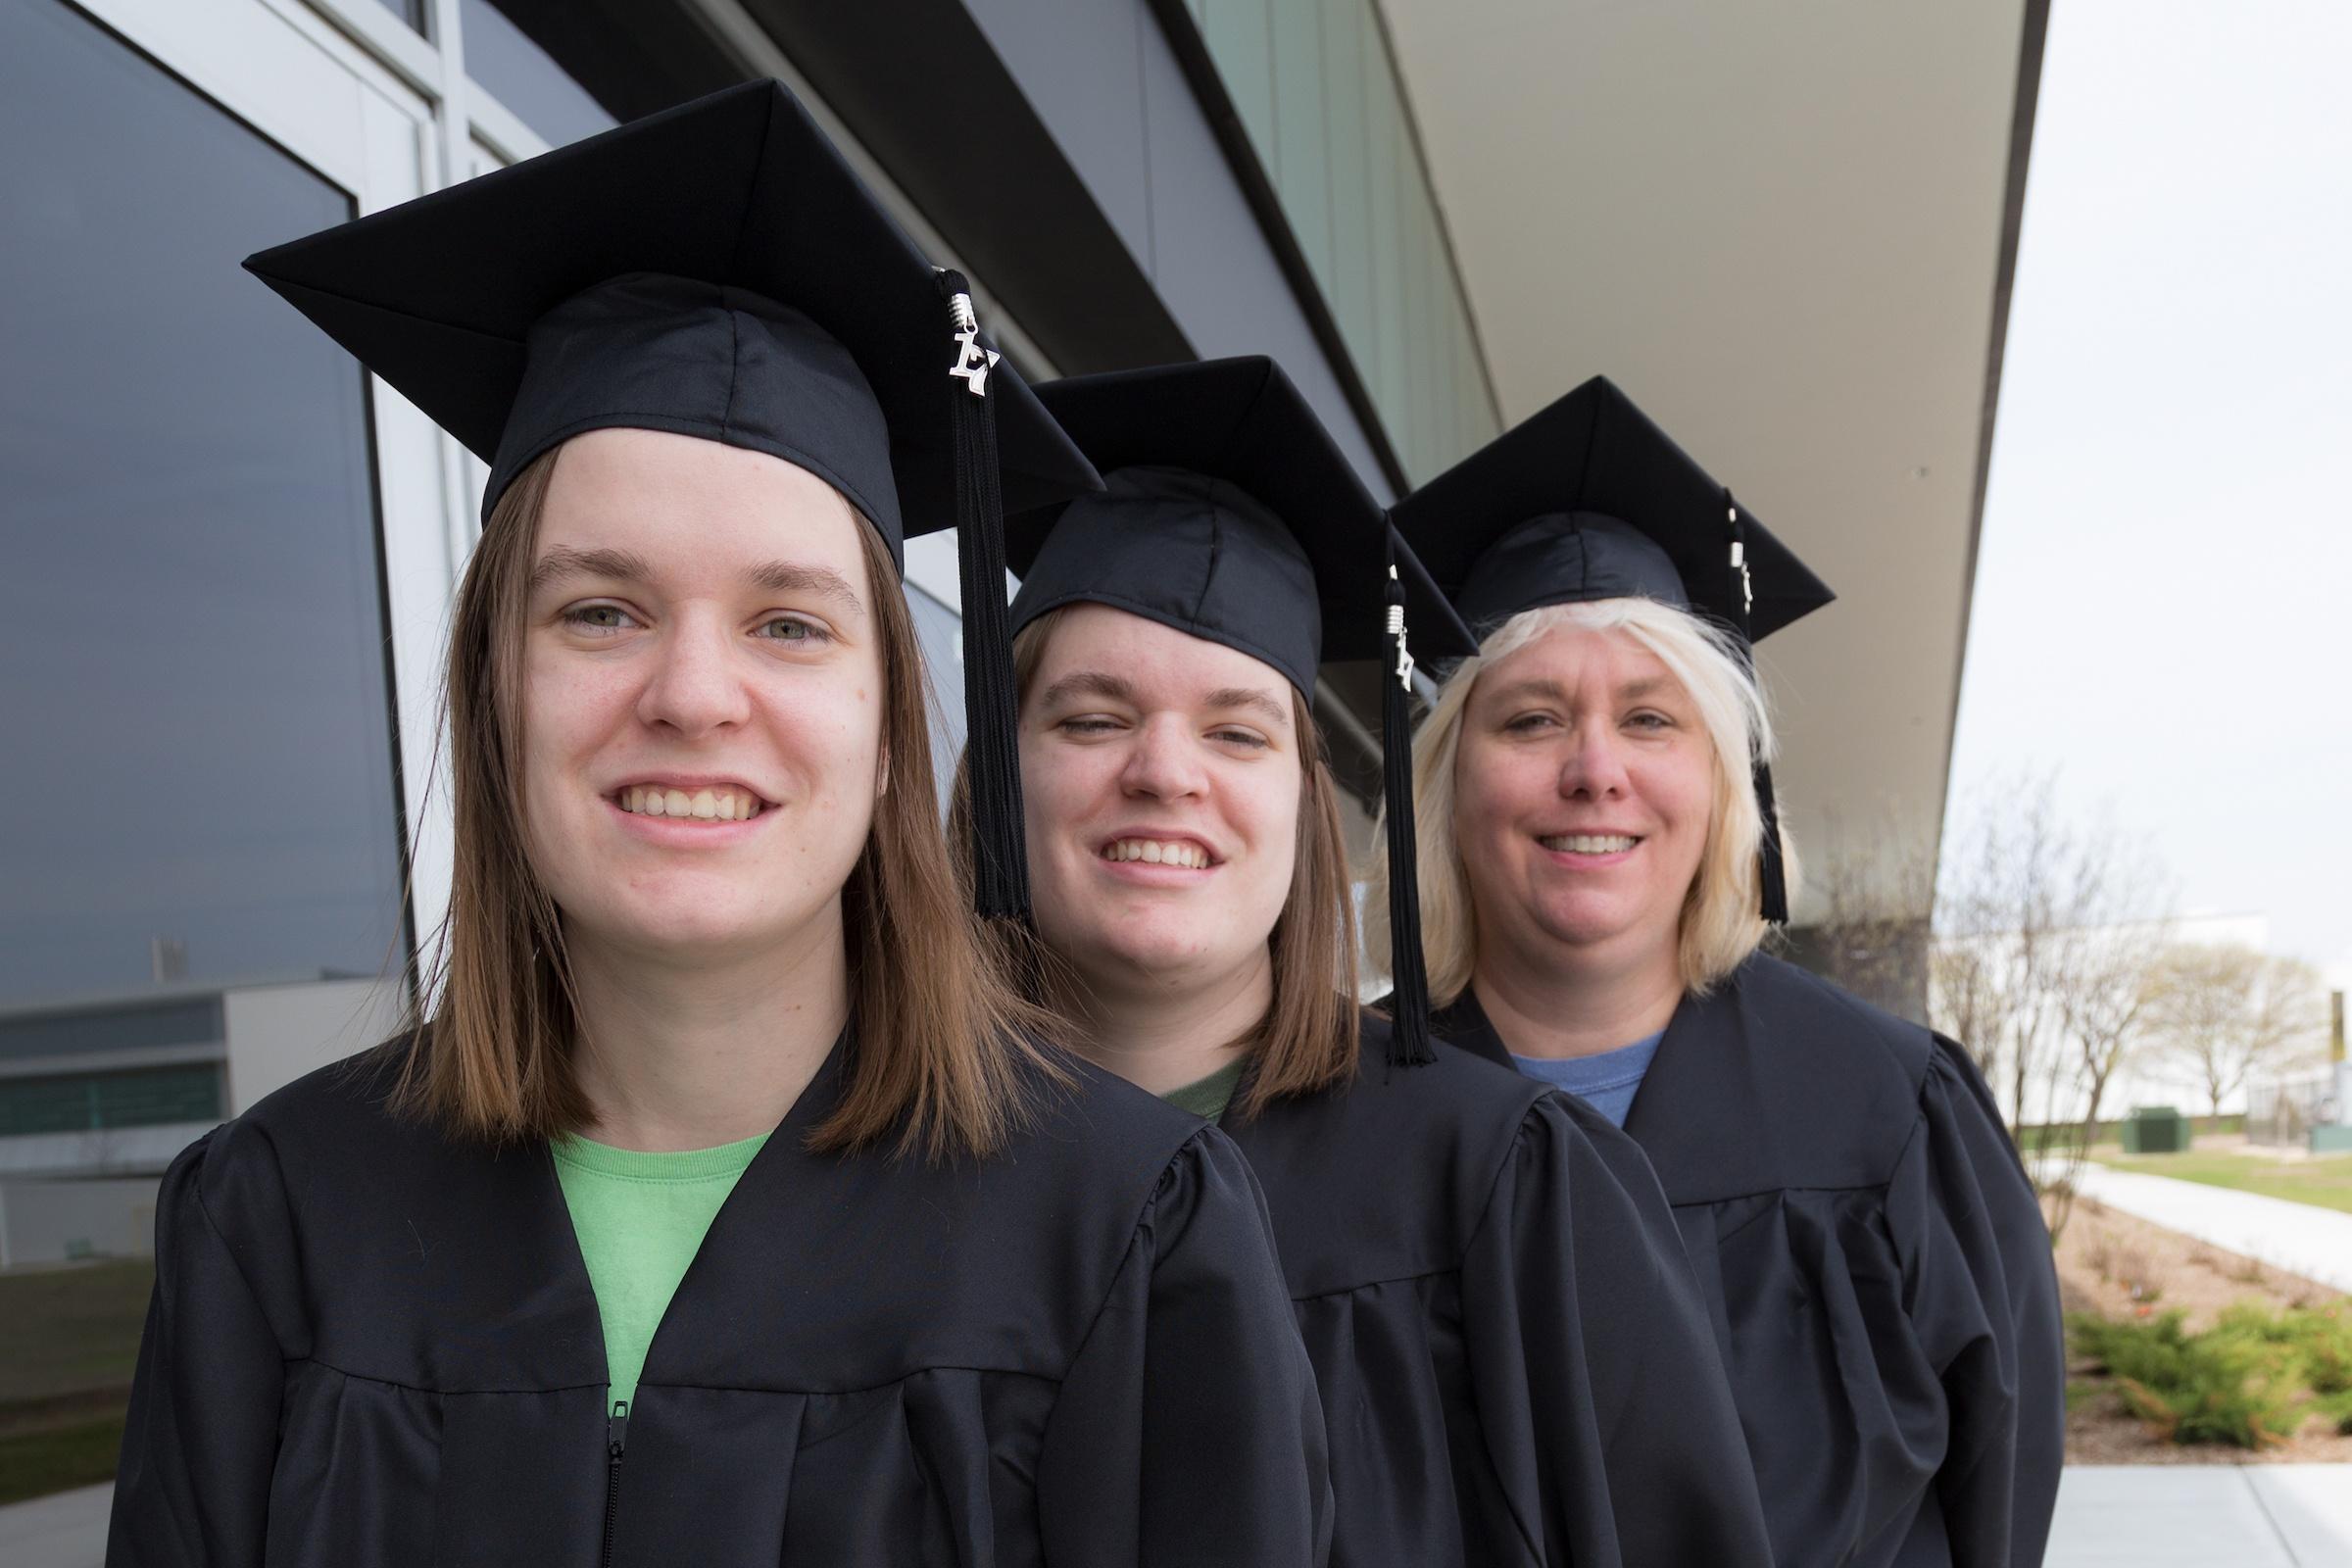 Q&A: The Bopp Family Shares Their Unique Graduation Story Amanda Ashley Audrey caps